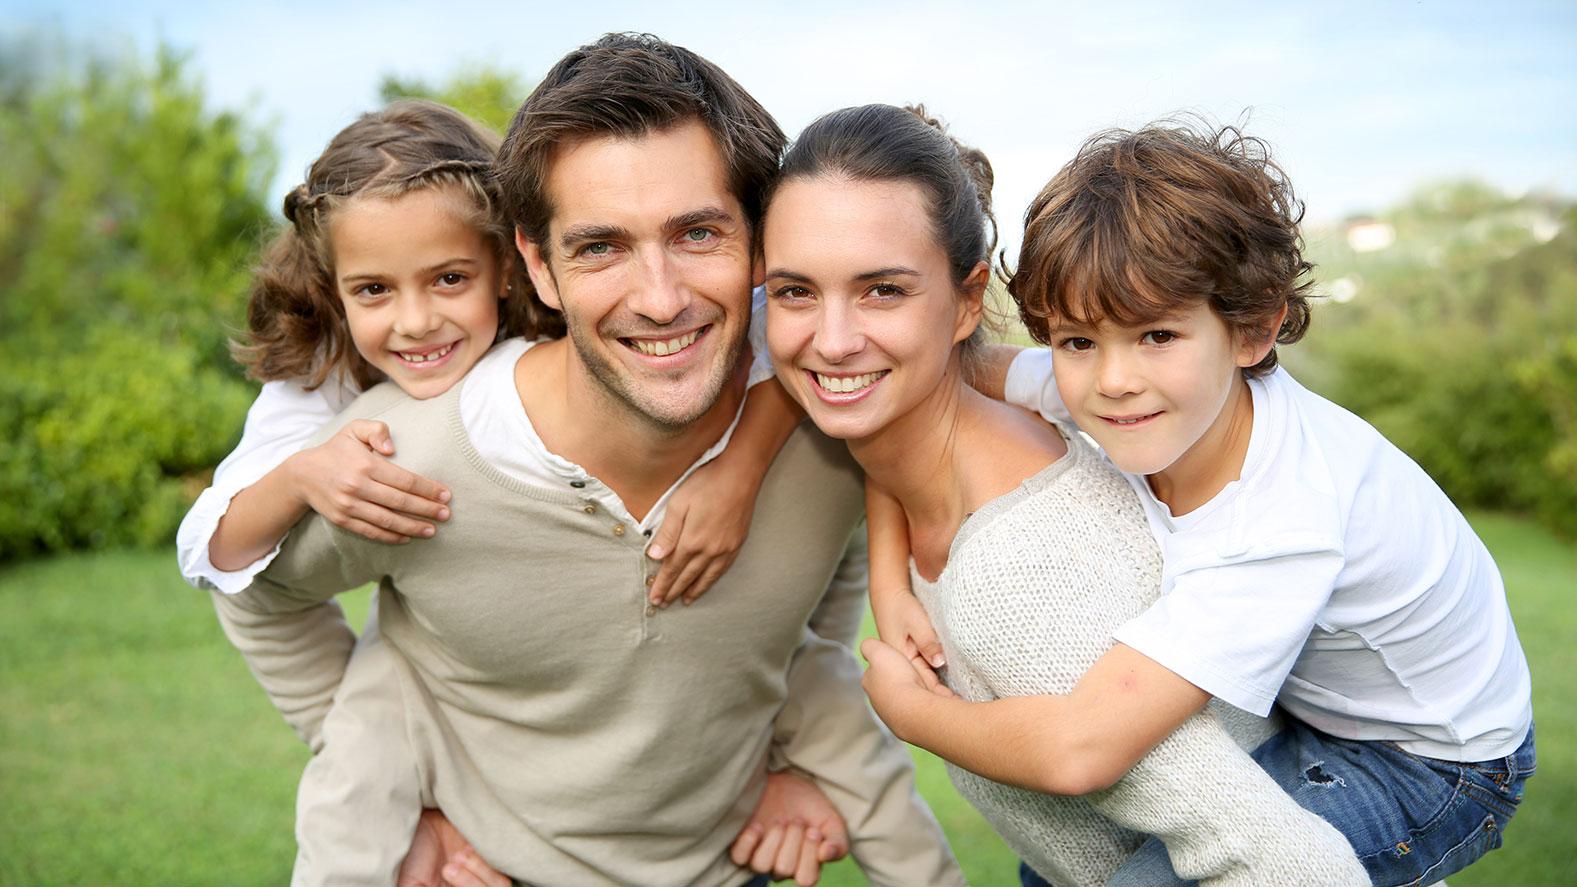 Mądra miłość rodziców do dziecka czyli o codziennych słowach miłości, wsparcia i akceptacji